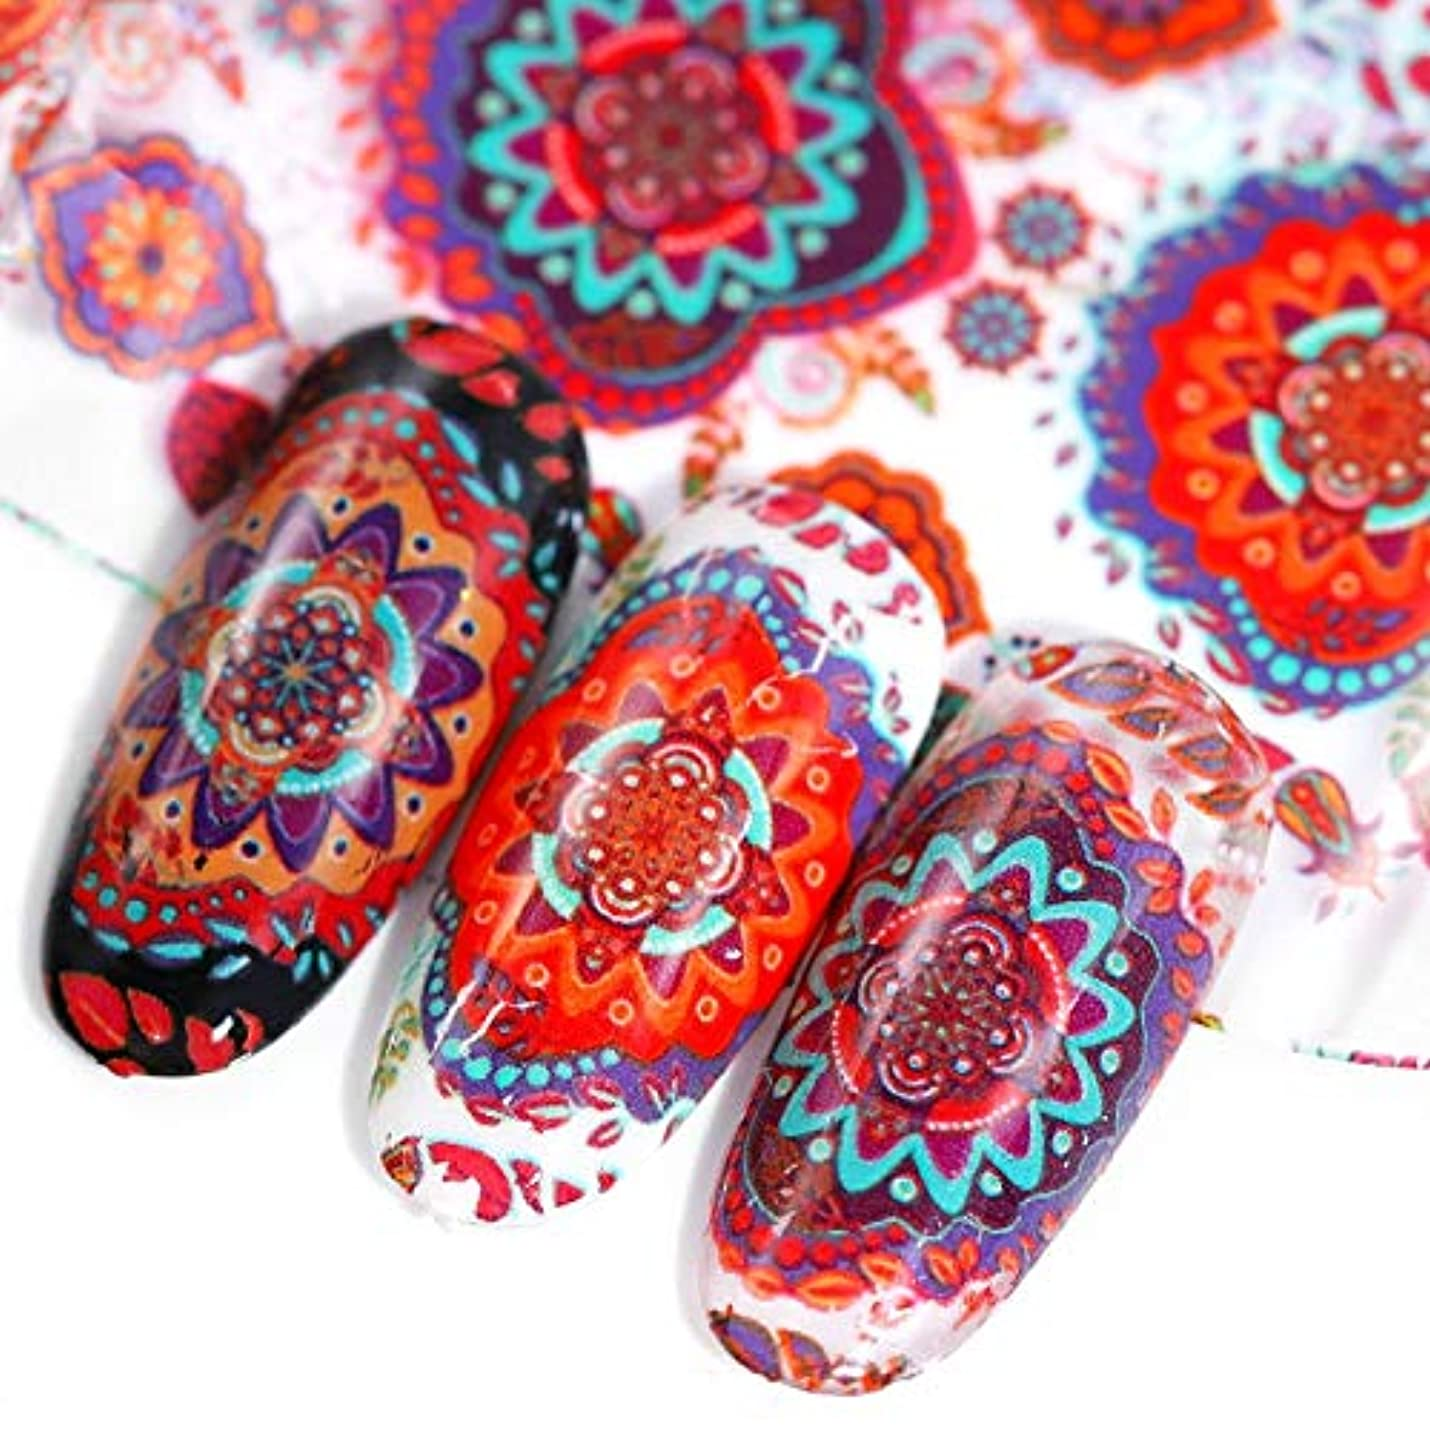 スチュワード縫うスリットArtlalic 10ピースネイルアートデコレーションネイルホイルネイル転写ステッカーネイルアートデカールカラフルな星空ヴィンテージエスニック風の花のデザインさまざまなデザインランダム混合